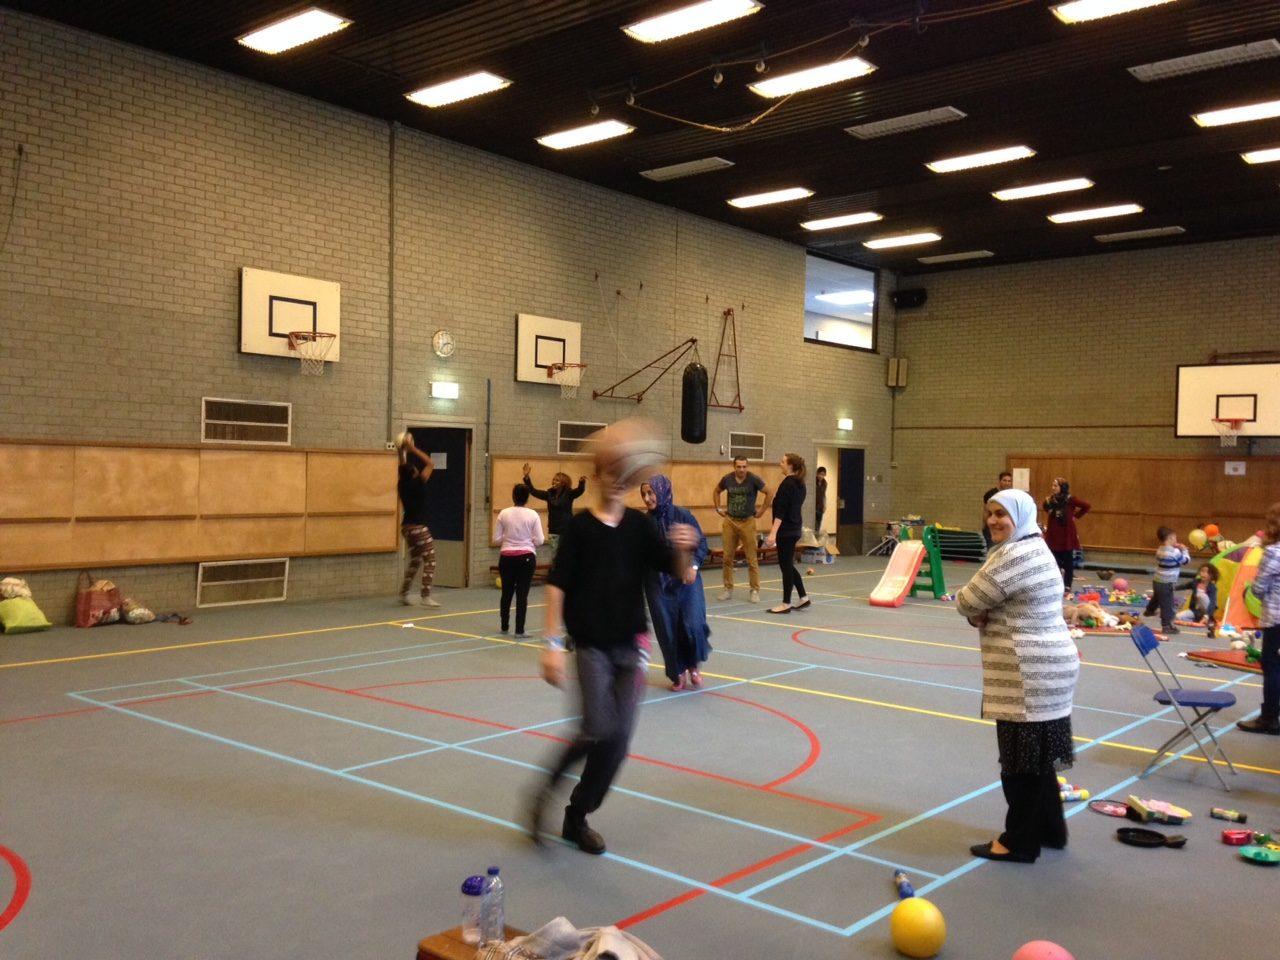 sportcentrum opvang vluchtelingen spelen kinderen